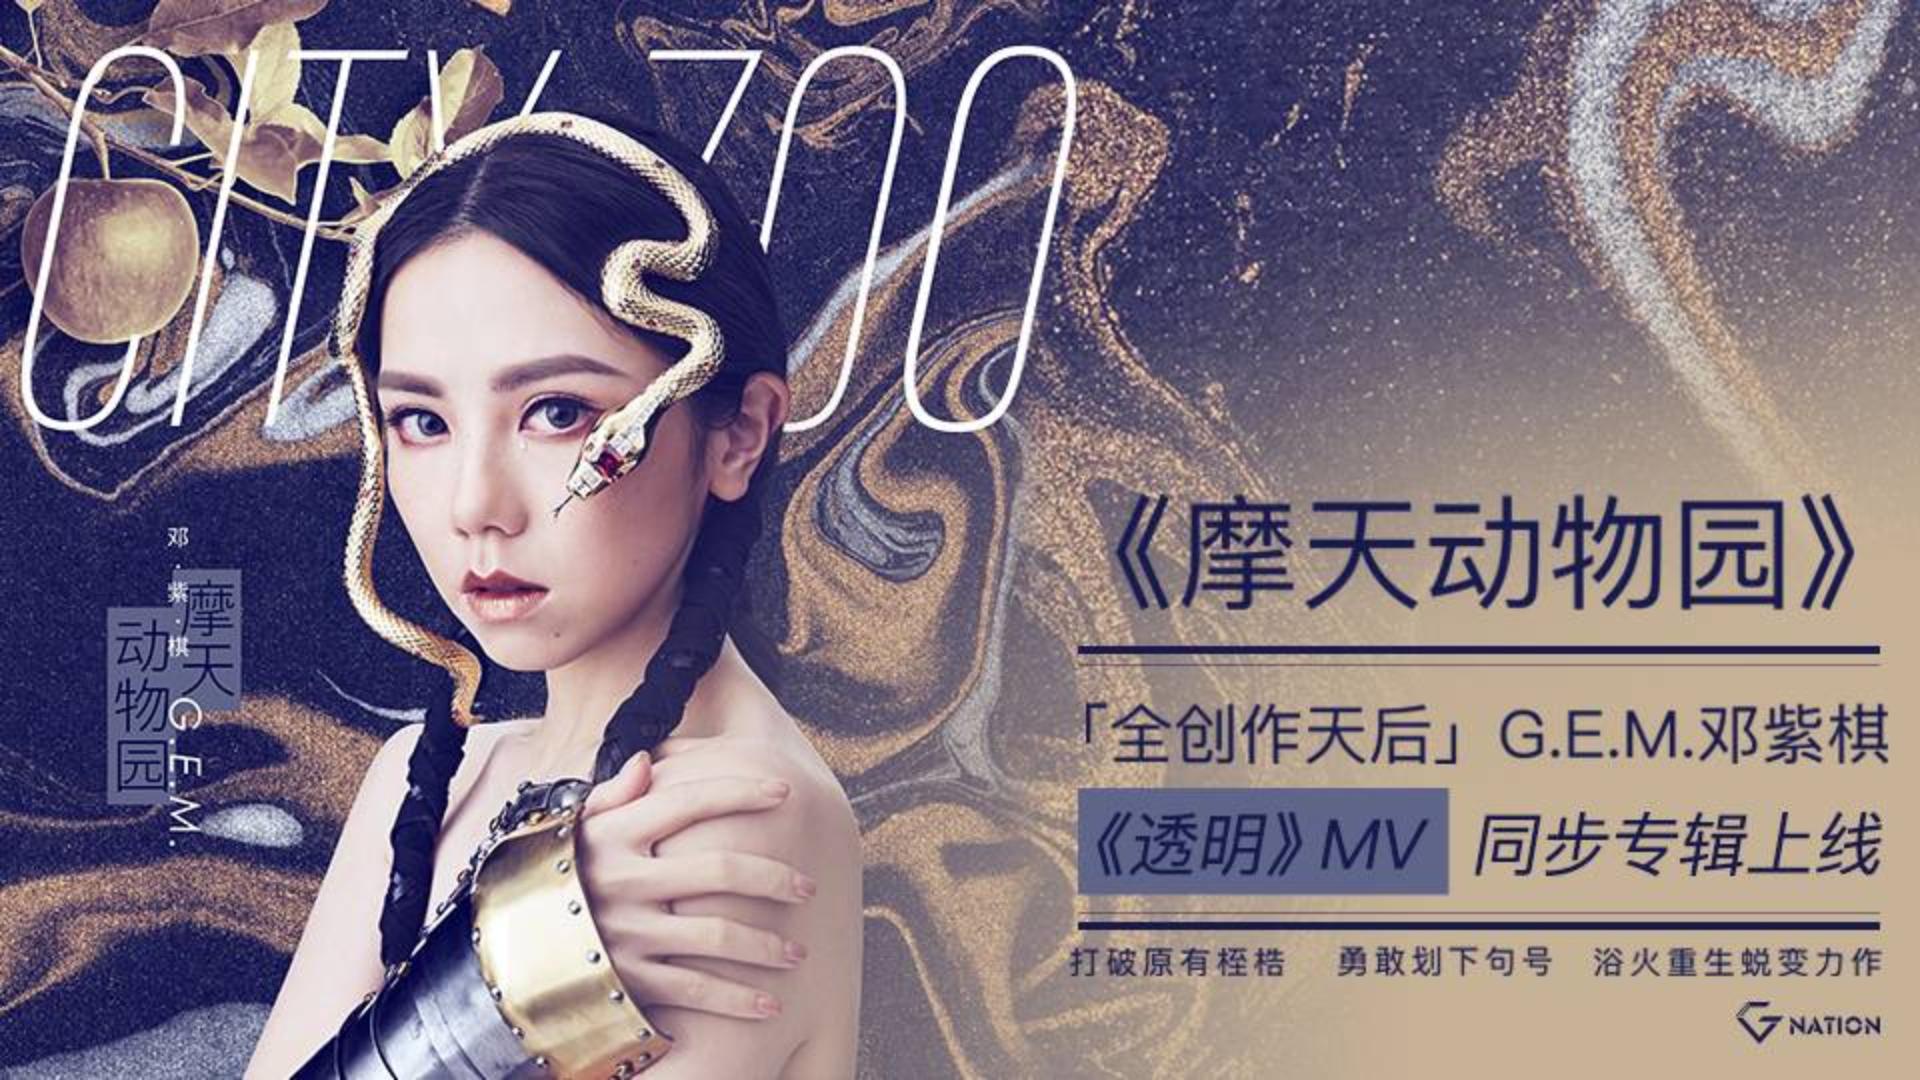 邓紫棋新歌《透明》MV上线!